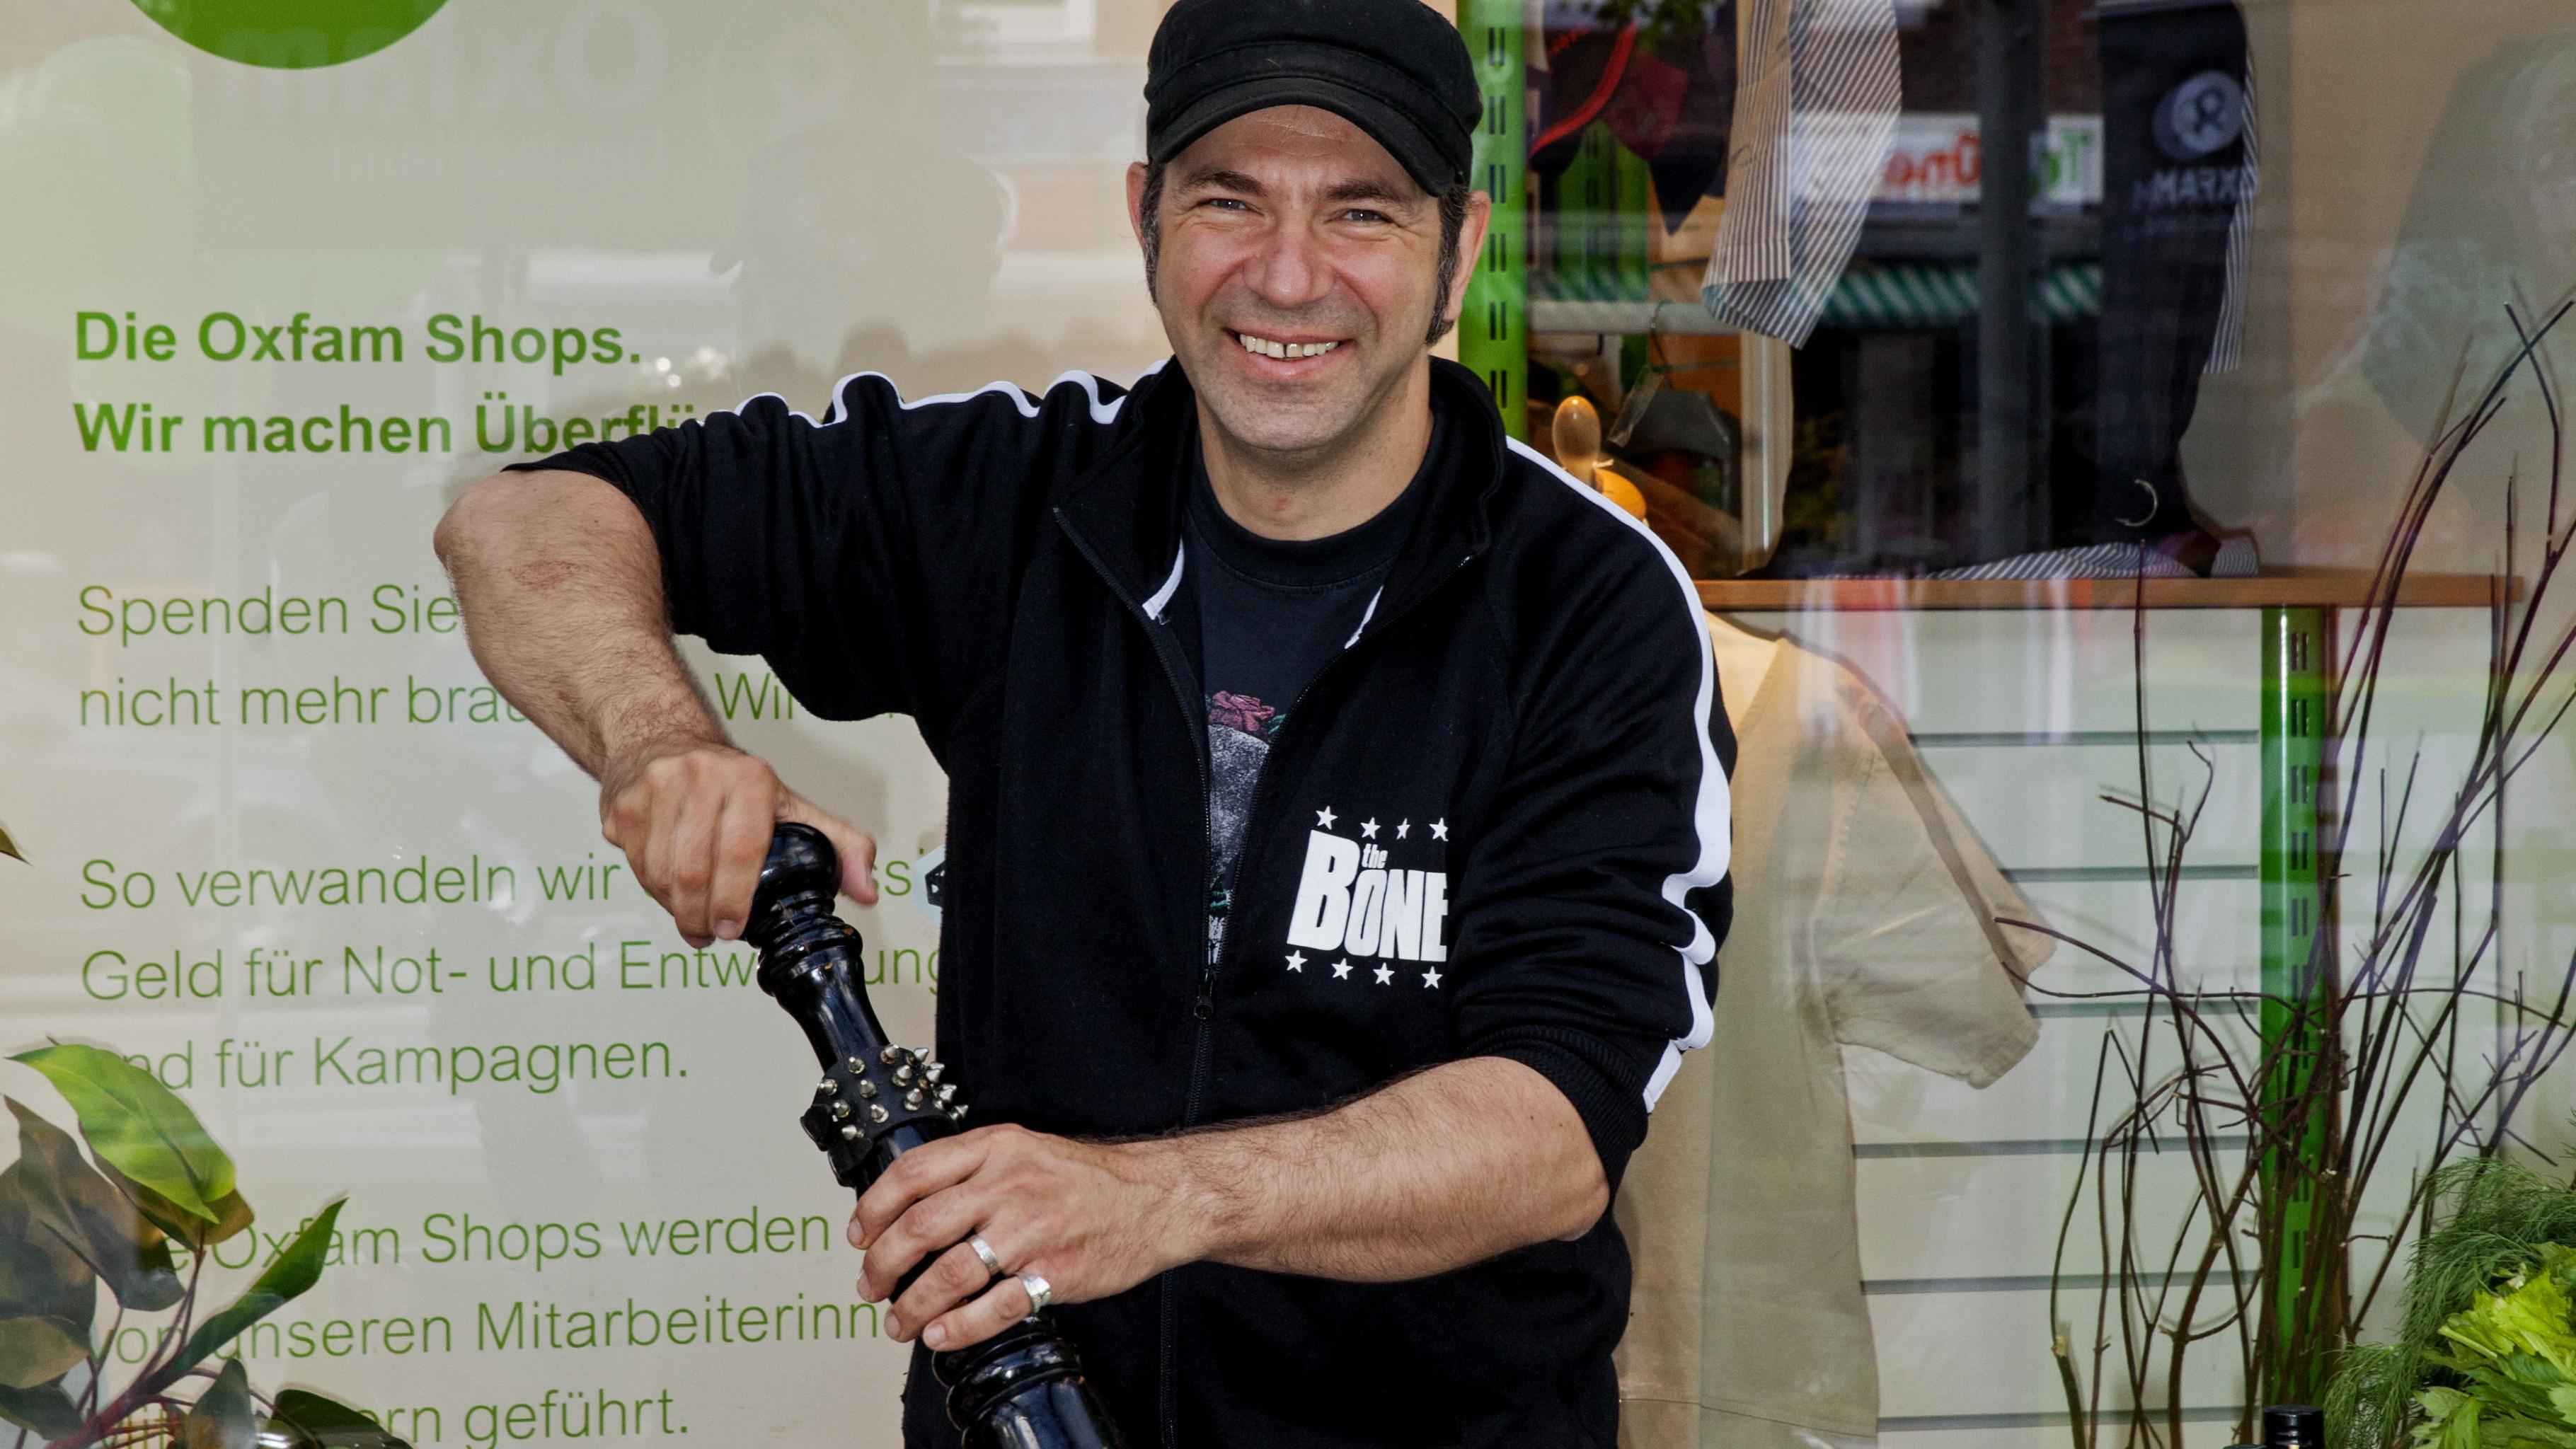 Oxfam Shop Hamburg-Wandsbek – Kampagnenbotschafter Ole Plogstedt